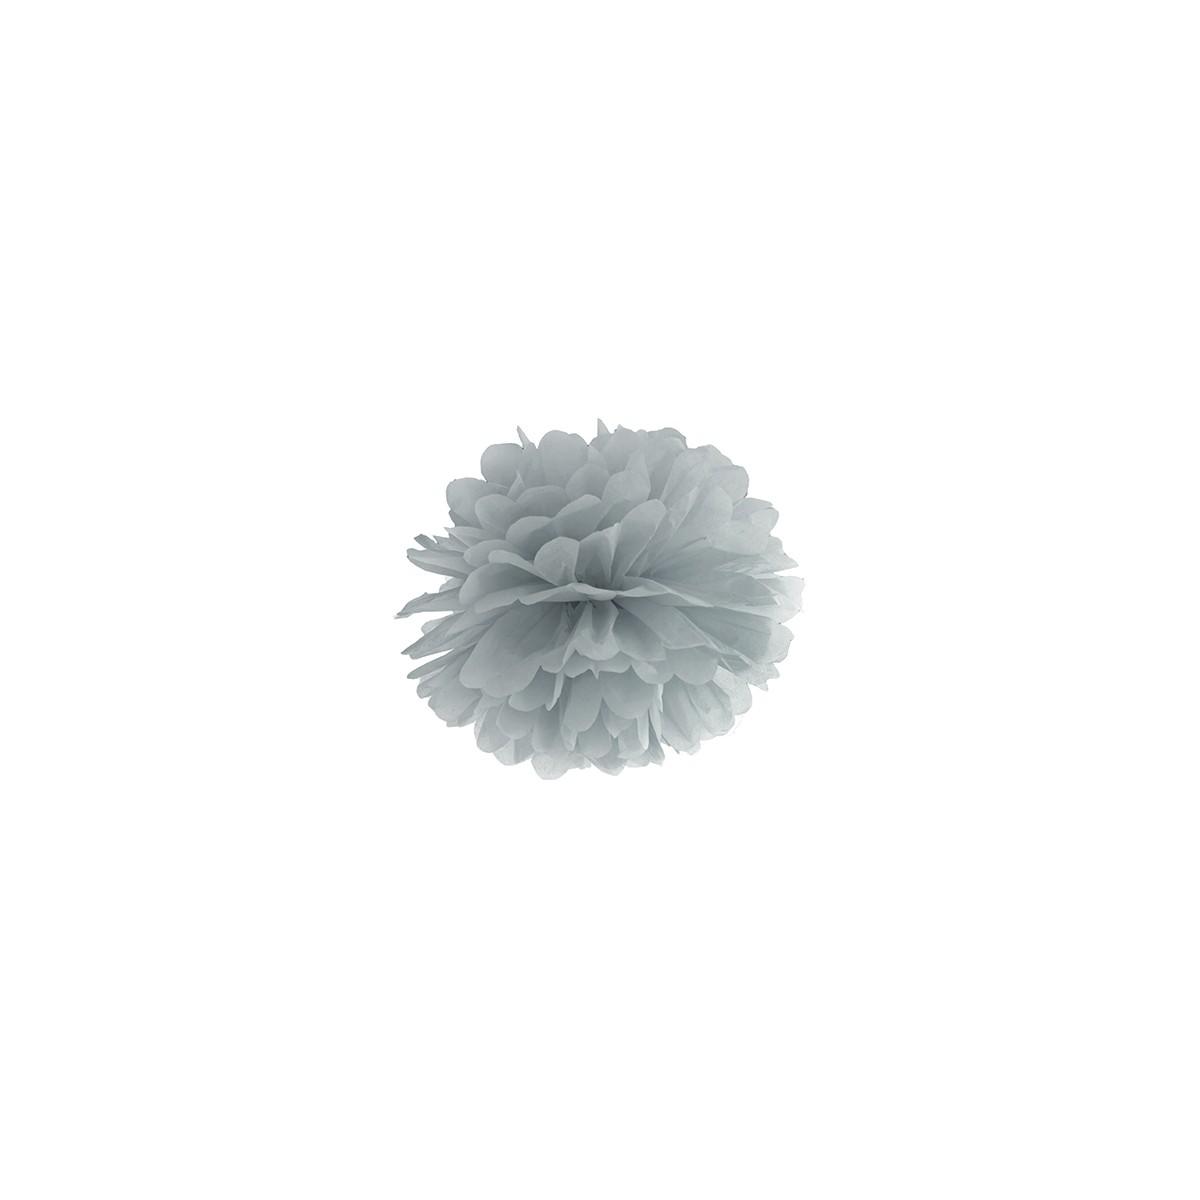 Pompon papier 25cm - Gris